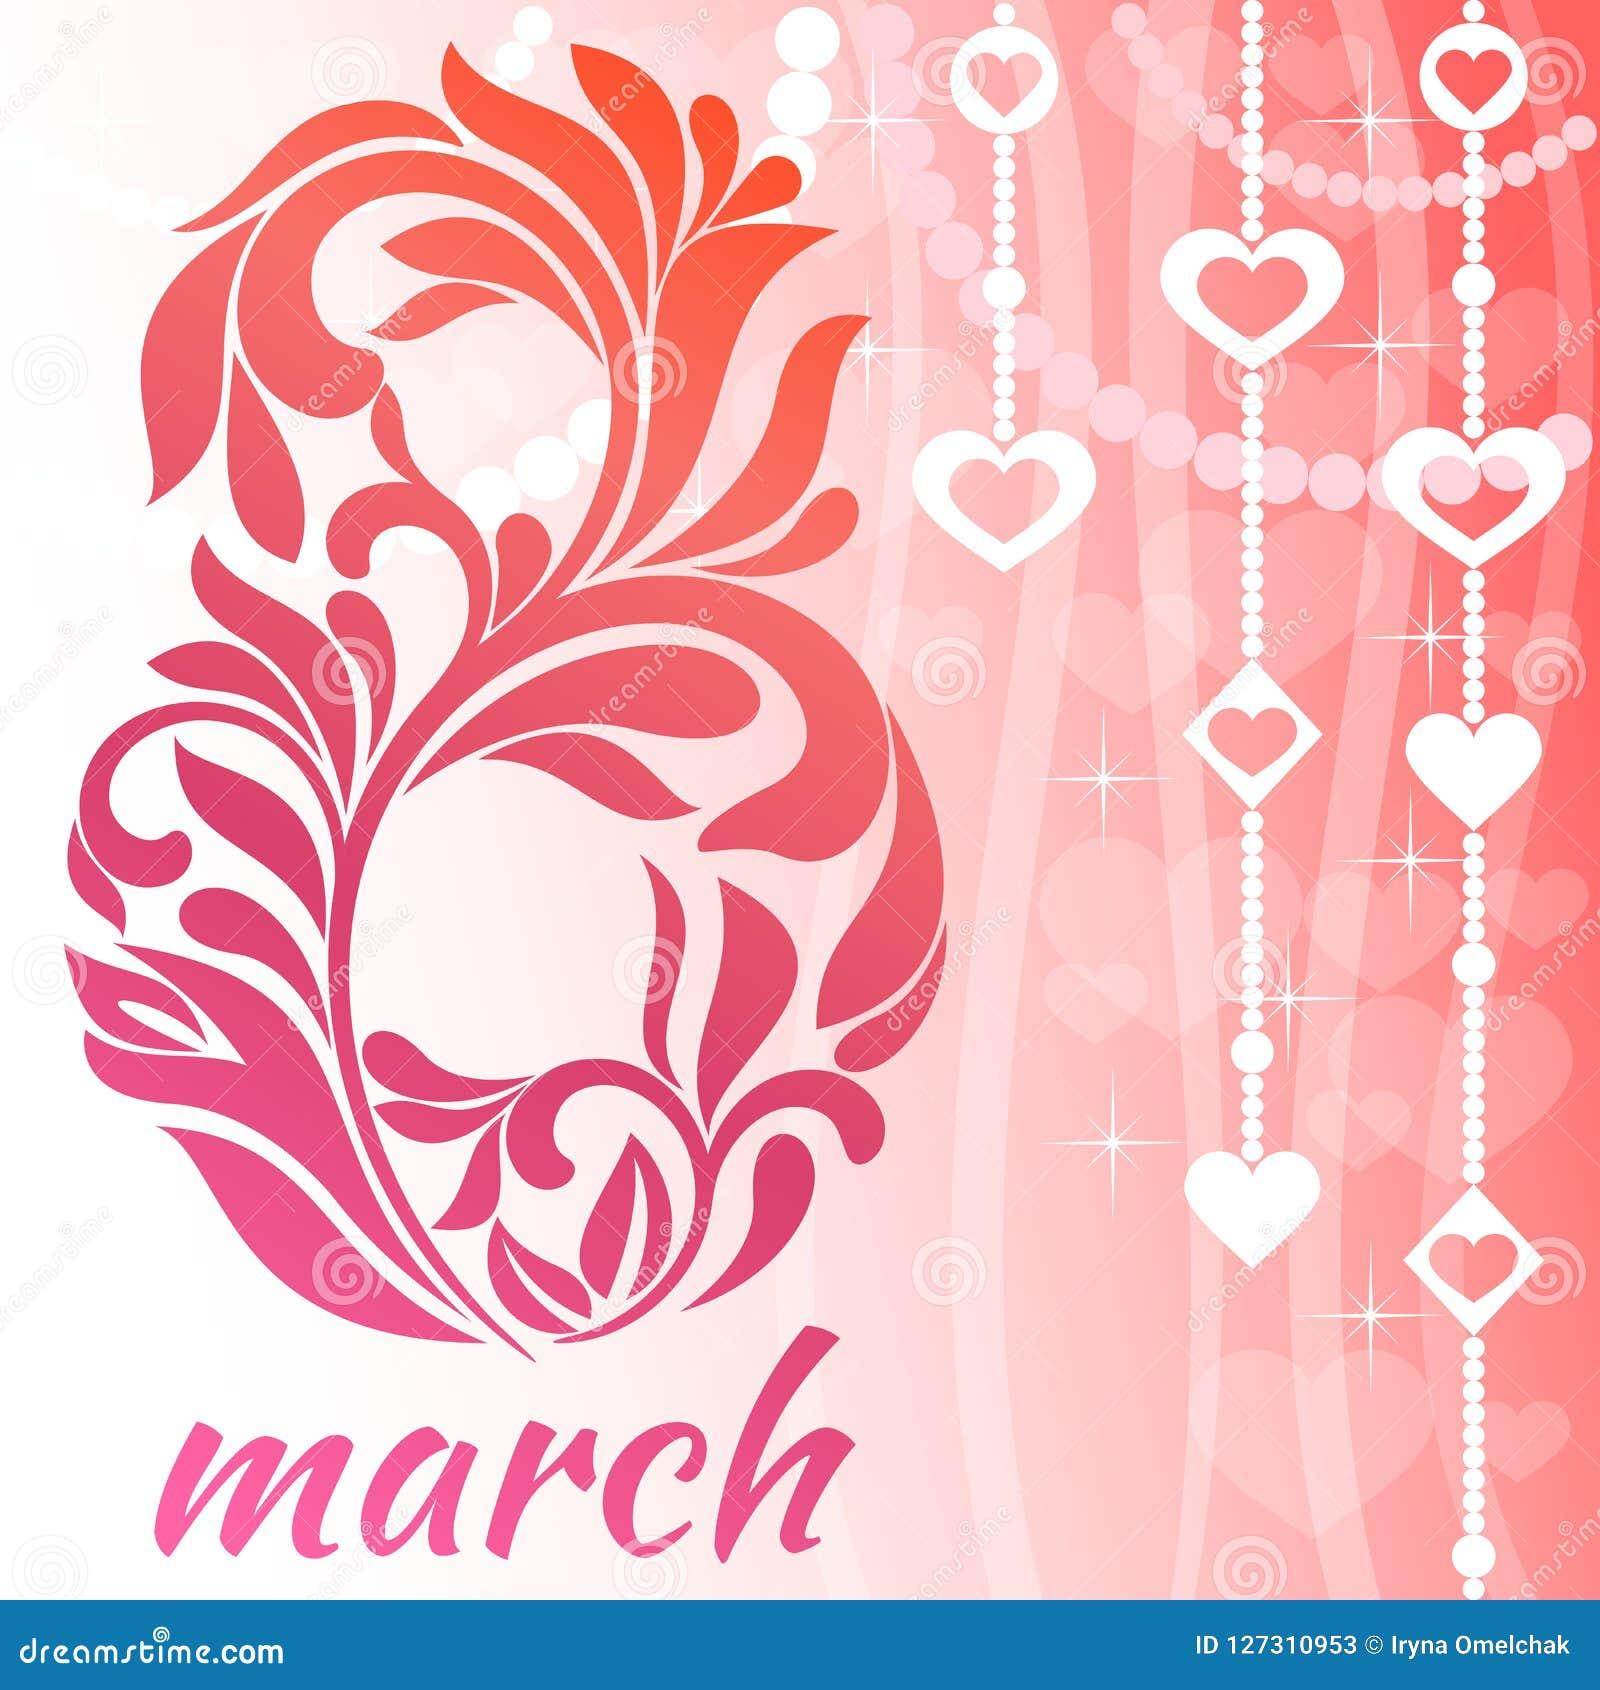 вензеля для открытки с 8 марта яблоки середину каждого